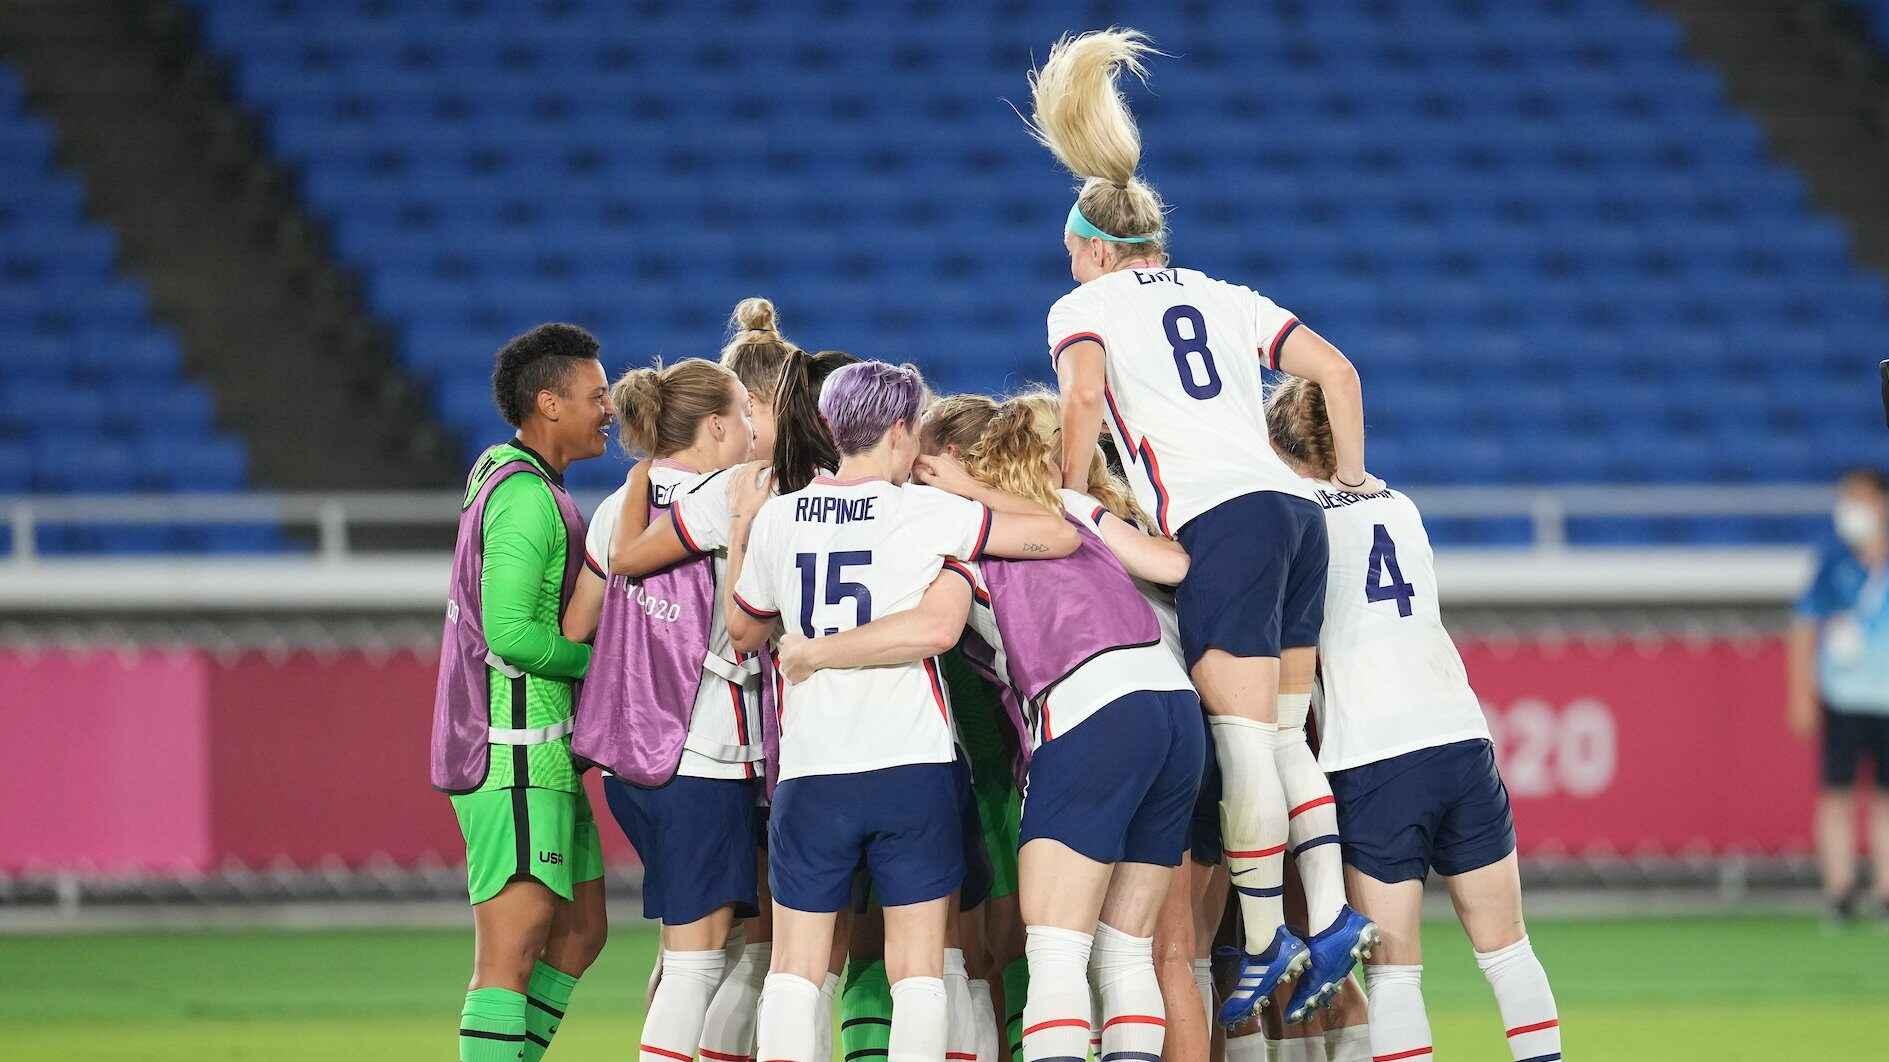 ¿Cómo se jugarán las semifinales del fútbol femenino?